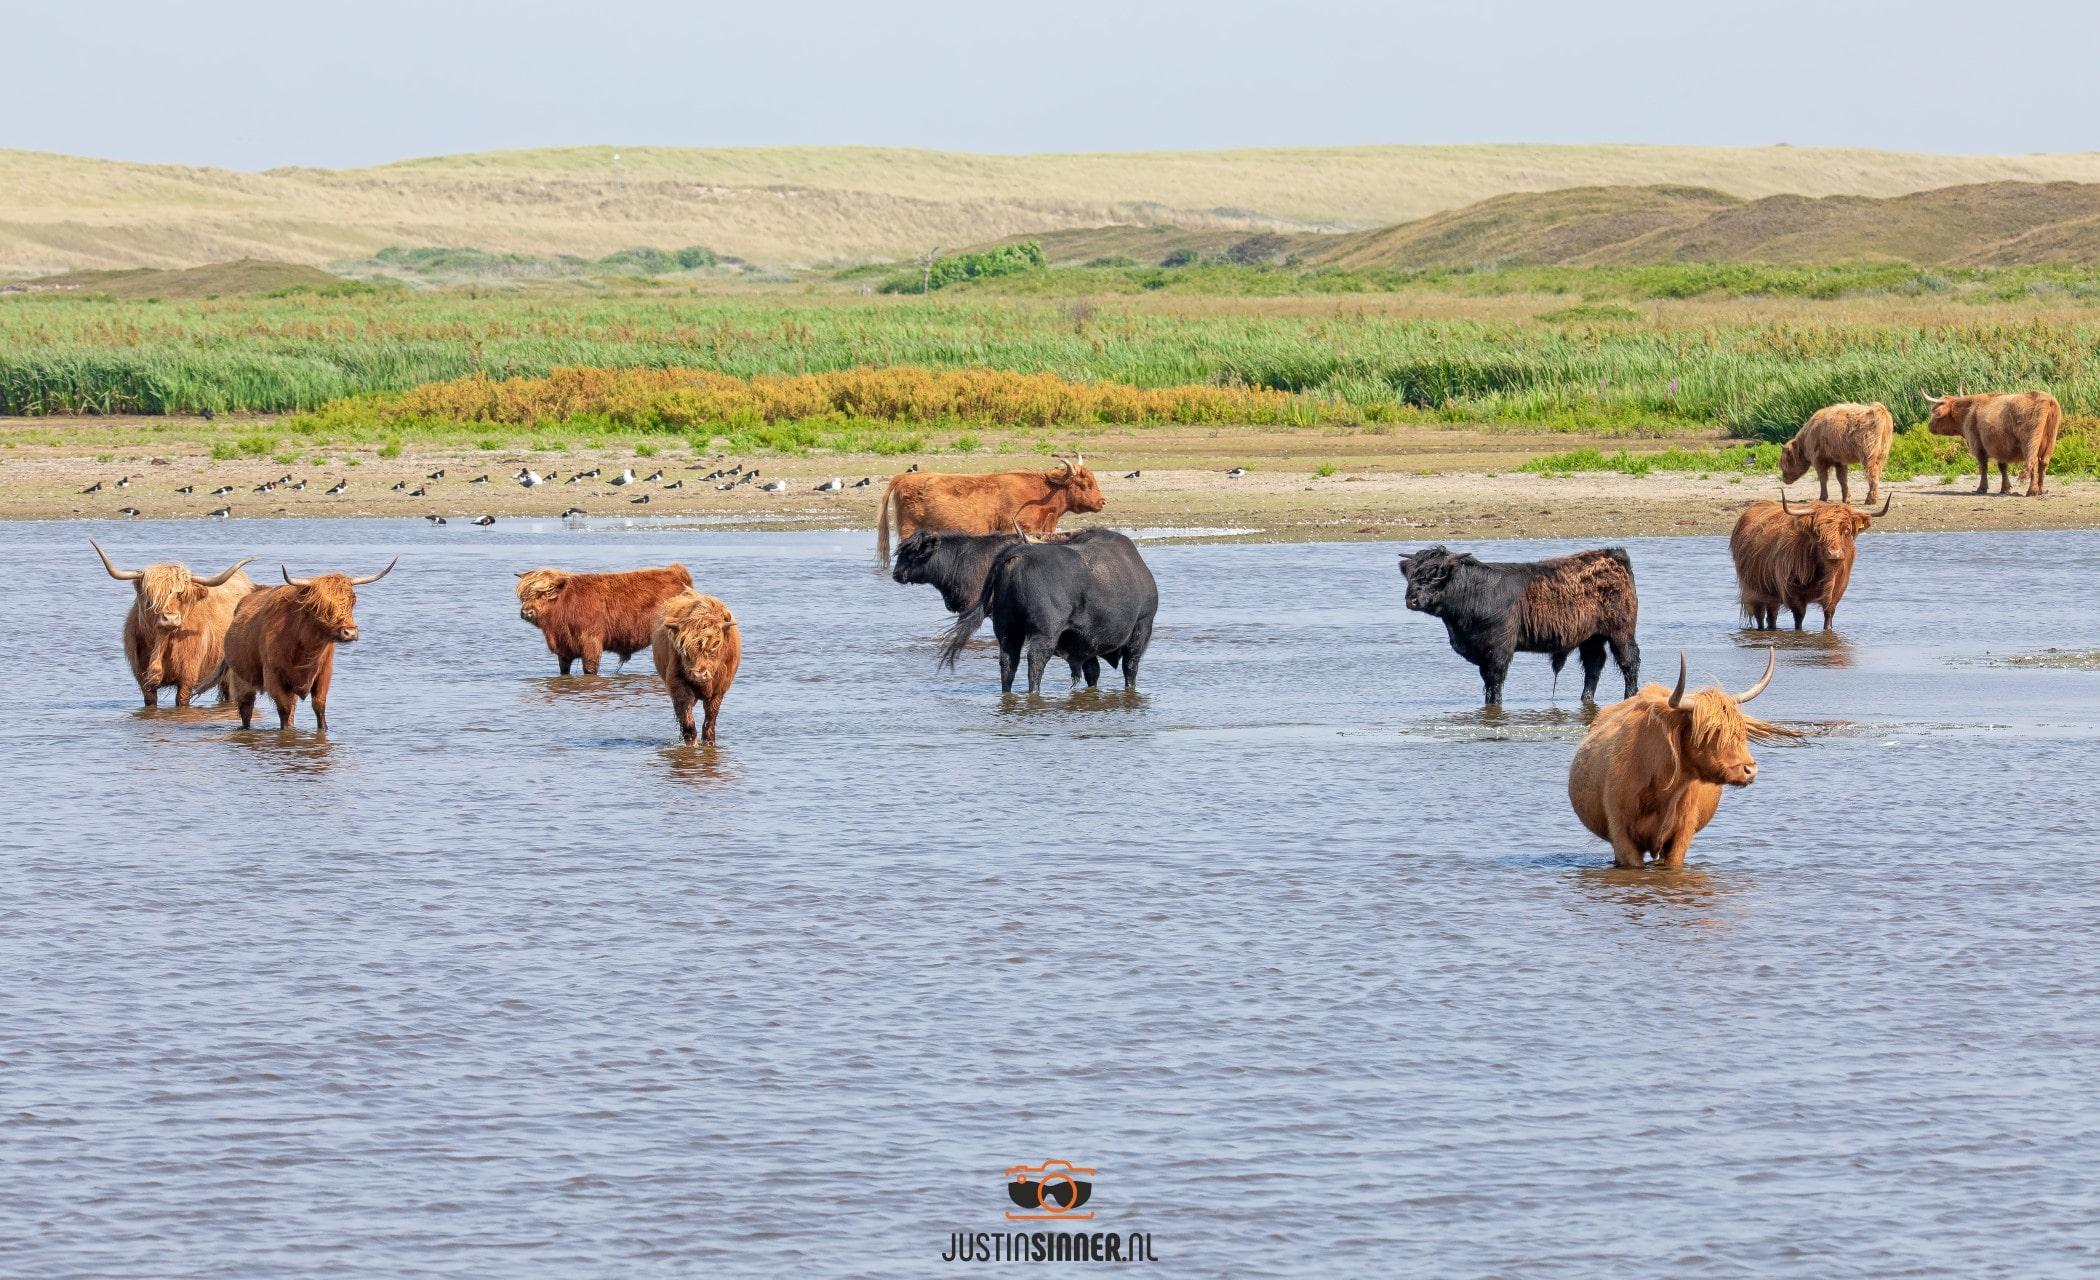 Schotse Hooglanders badderen tijdens warm zomer weer / Scottish Highlanders bathe during warm summer weather